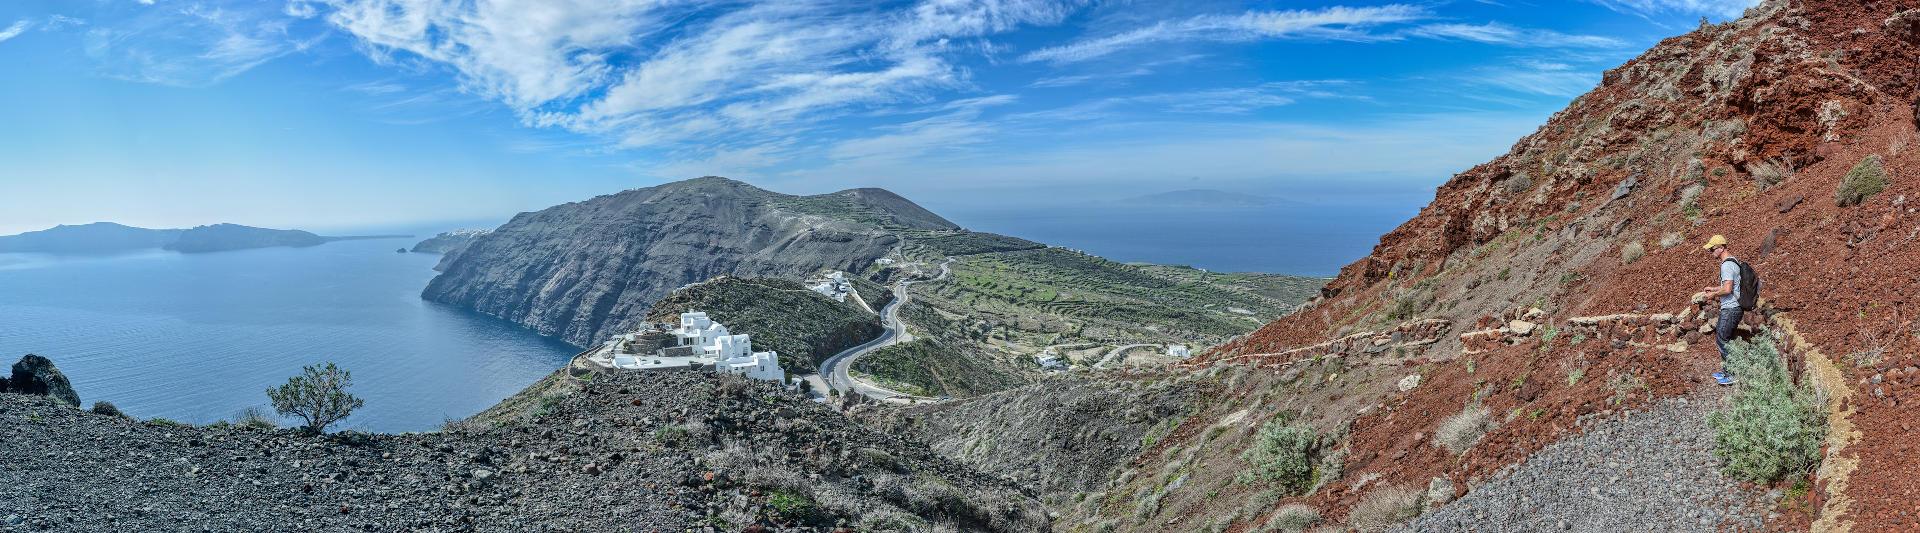 Piesza trasa wzdłuż kaldery, Santorini